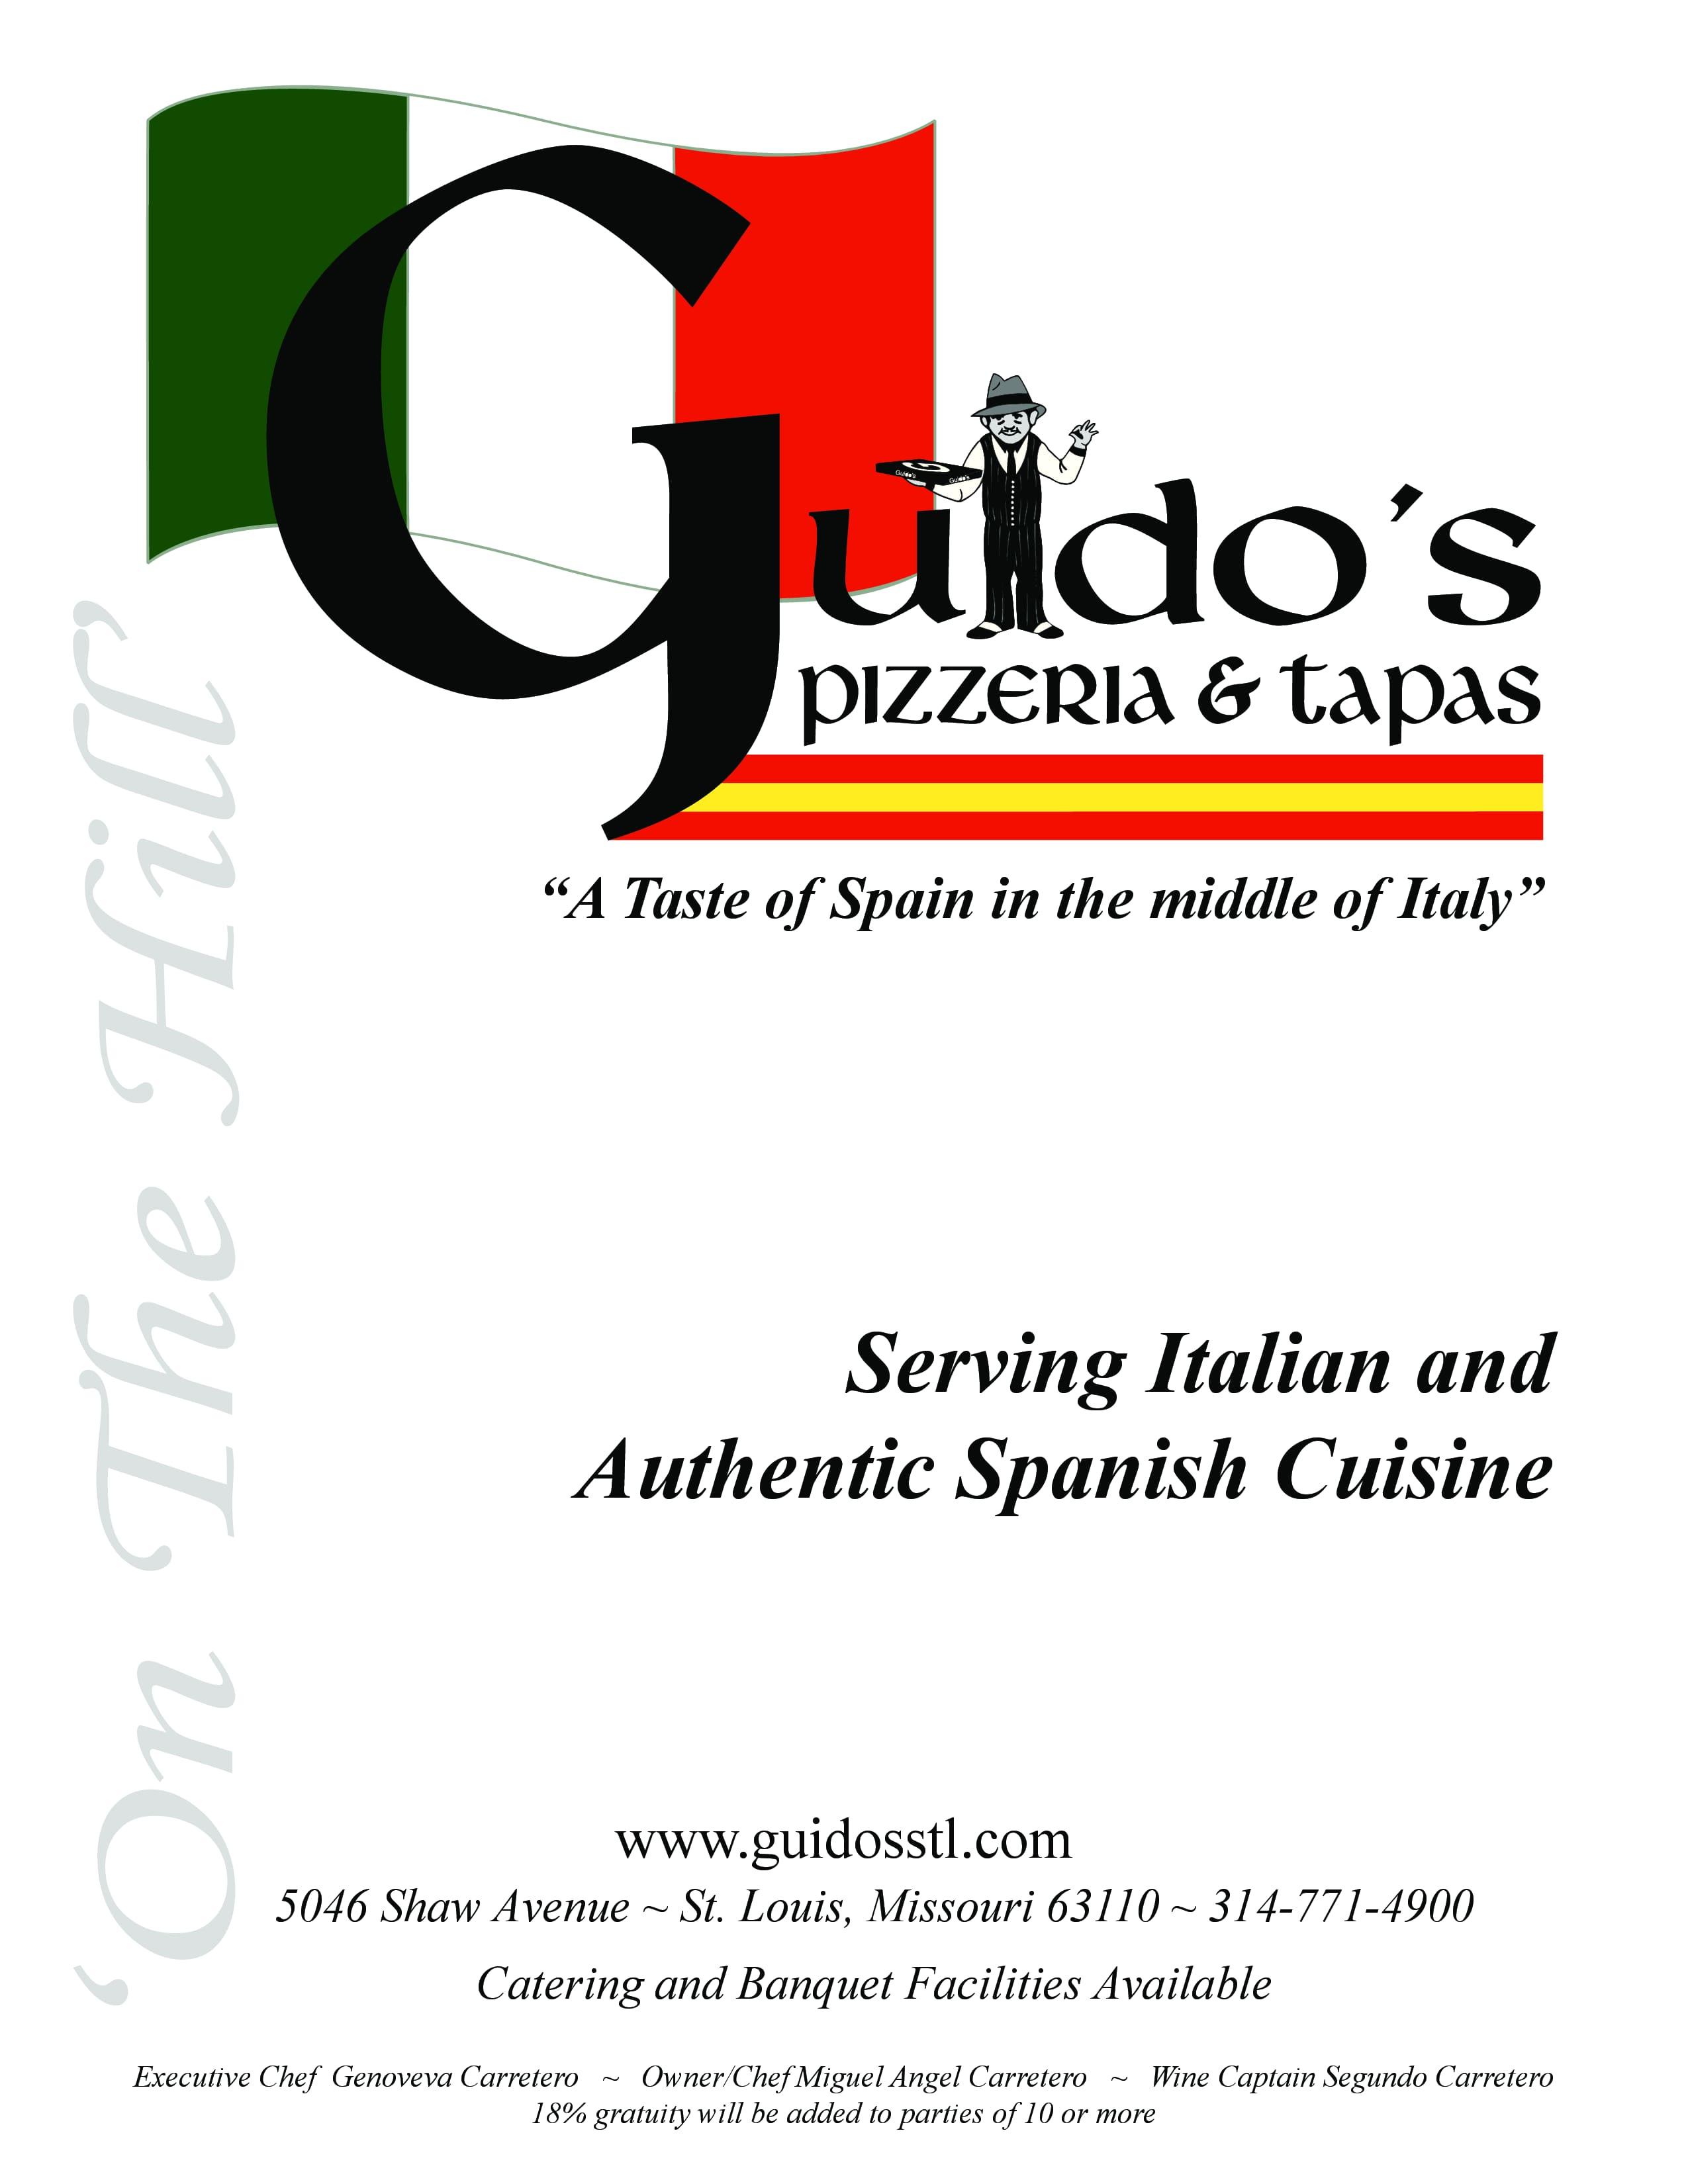 Guidos Pizzeria und Tapas